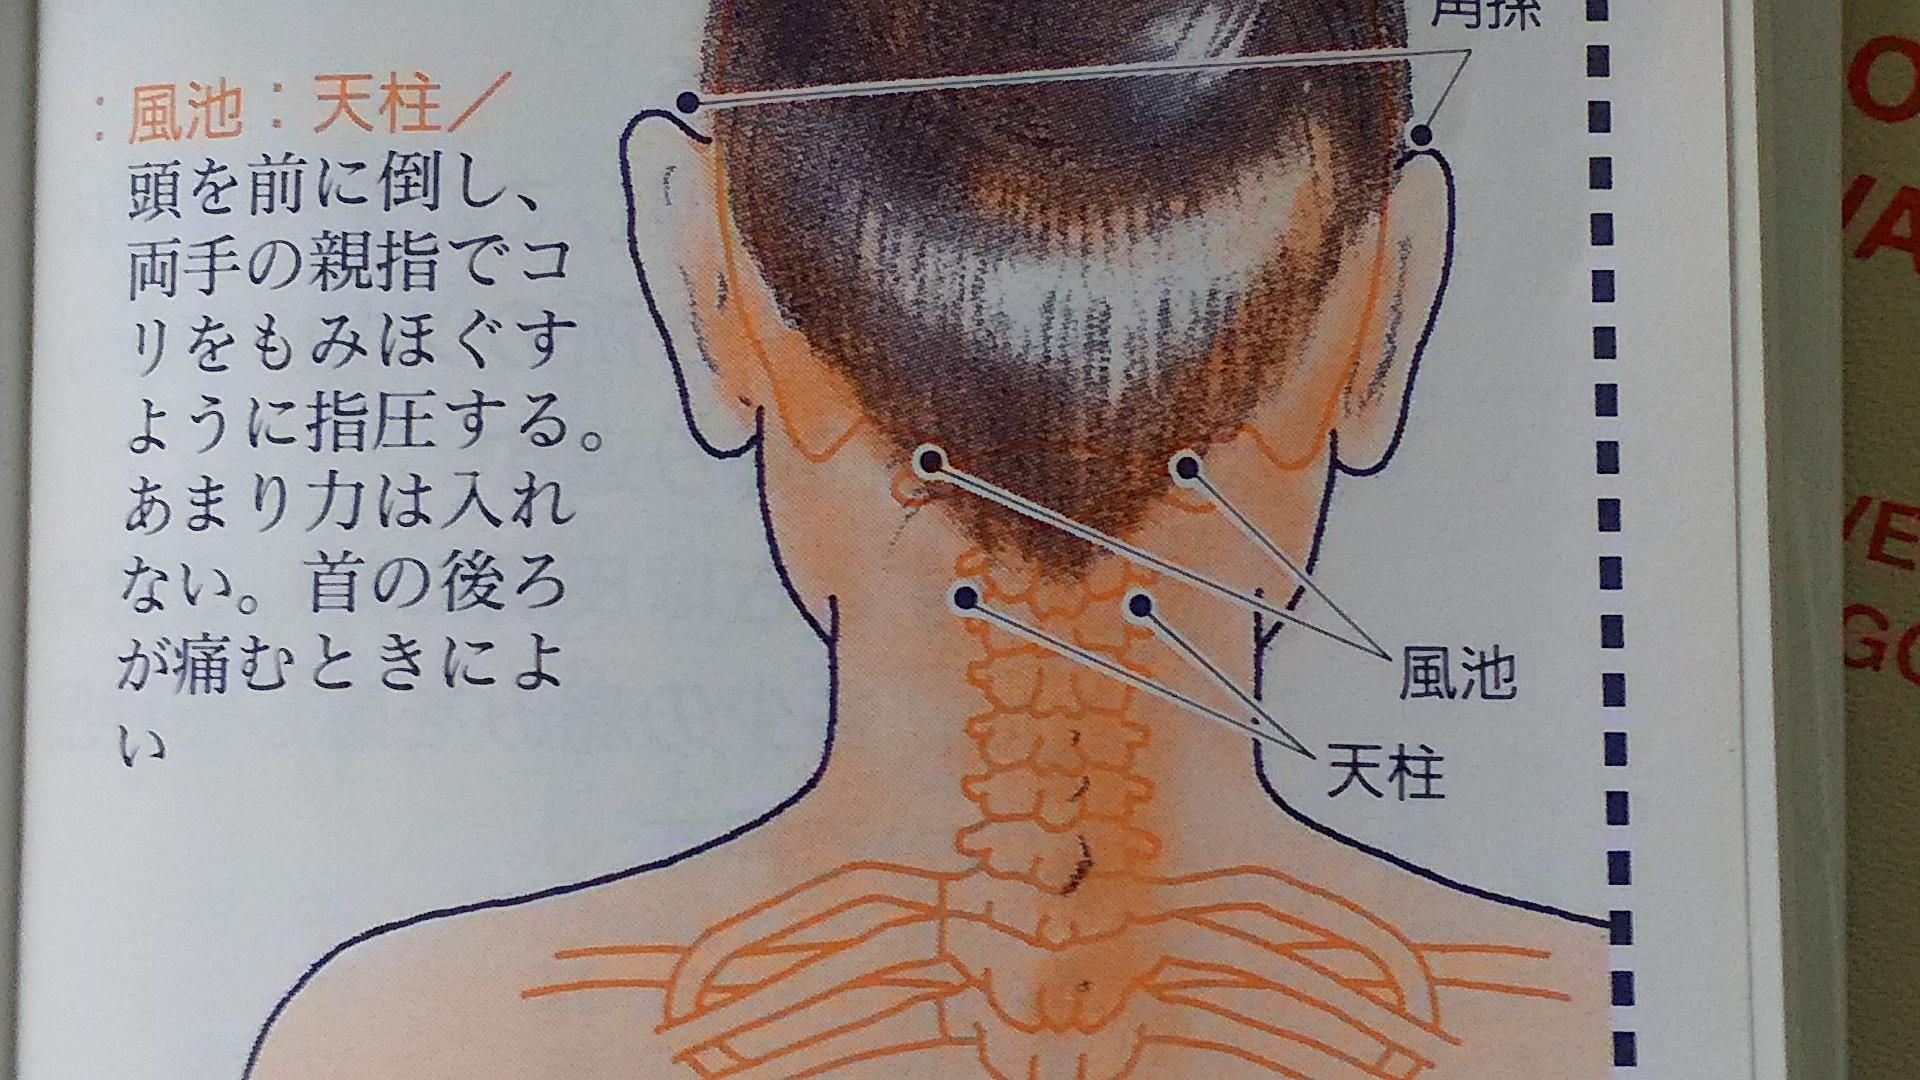 後頭 神経痛 ツボ